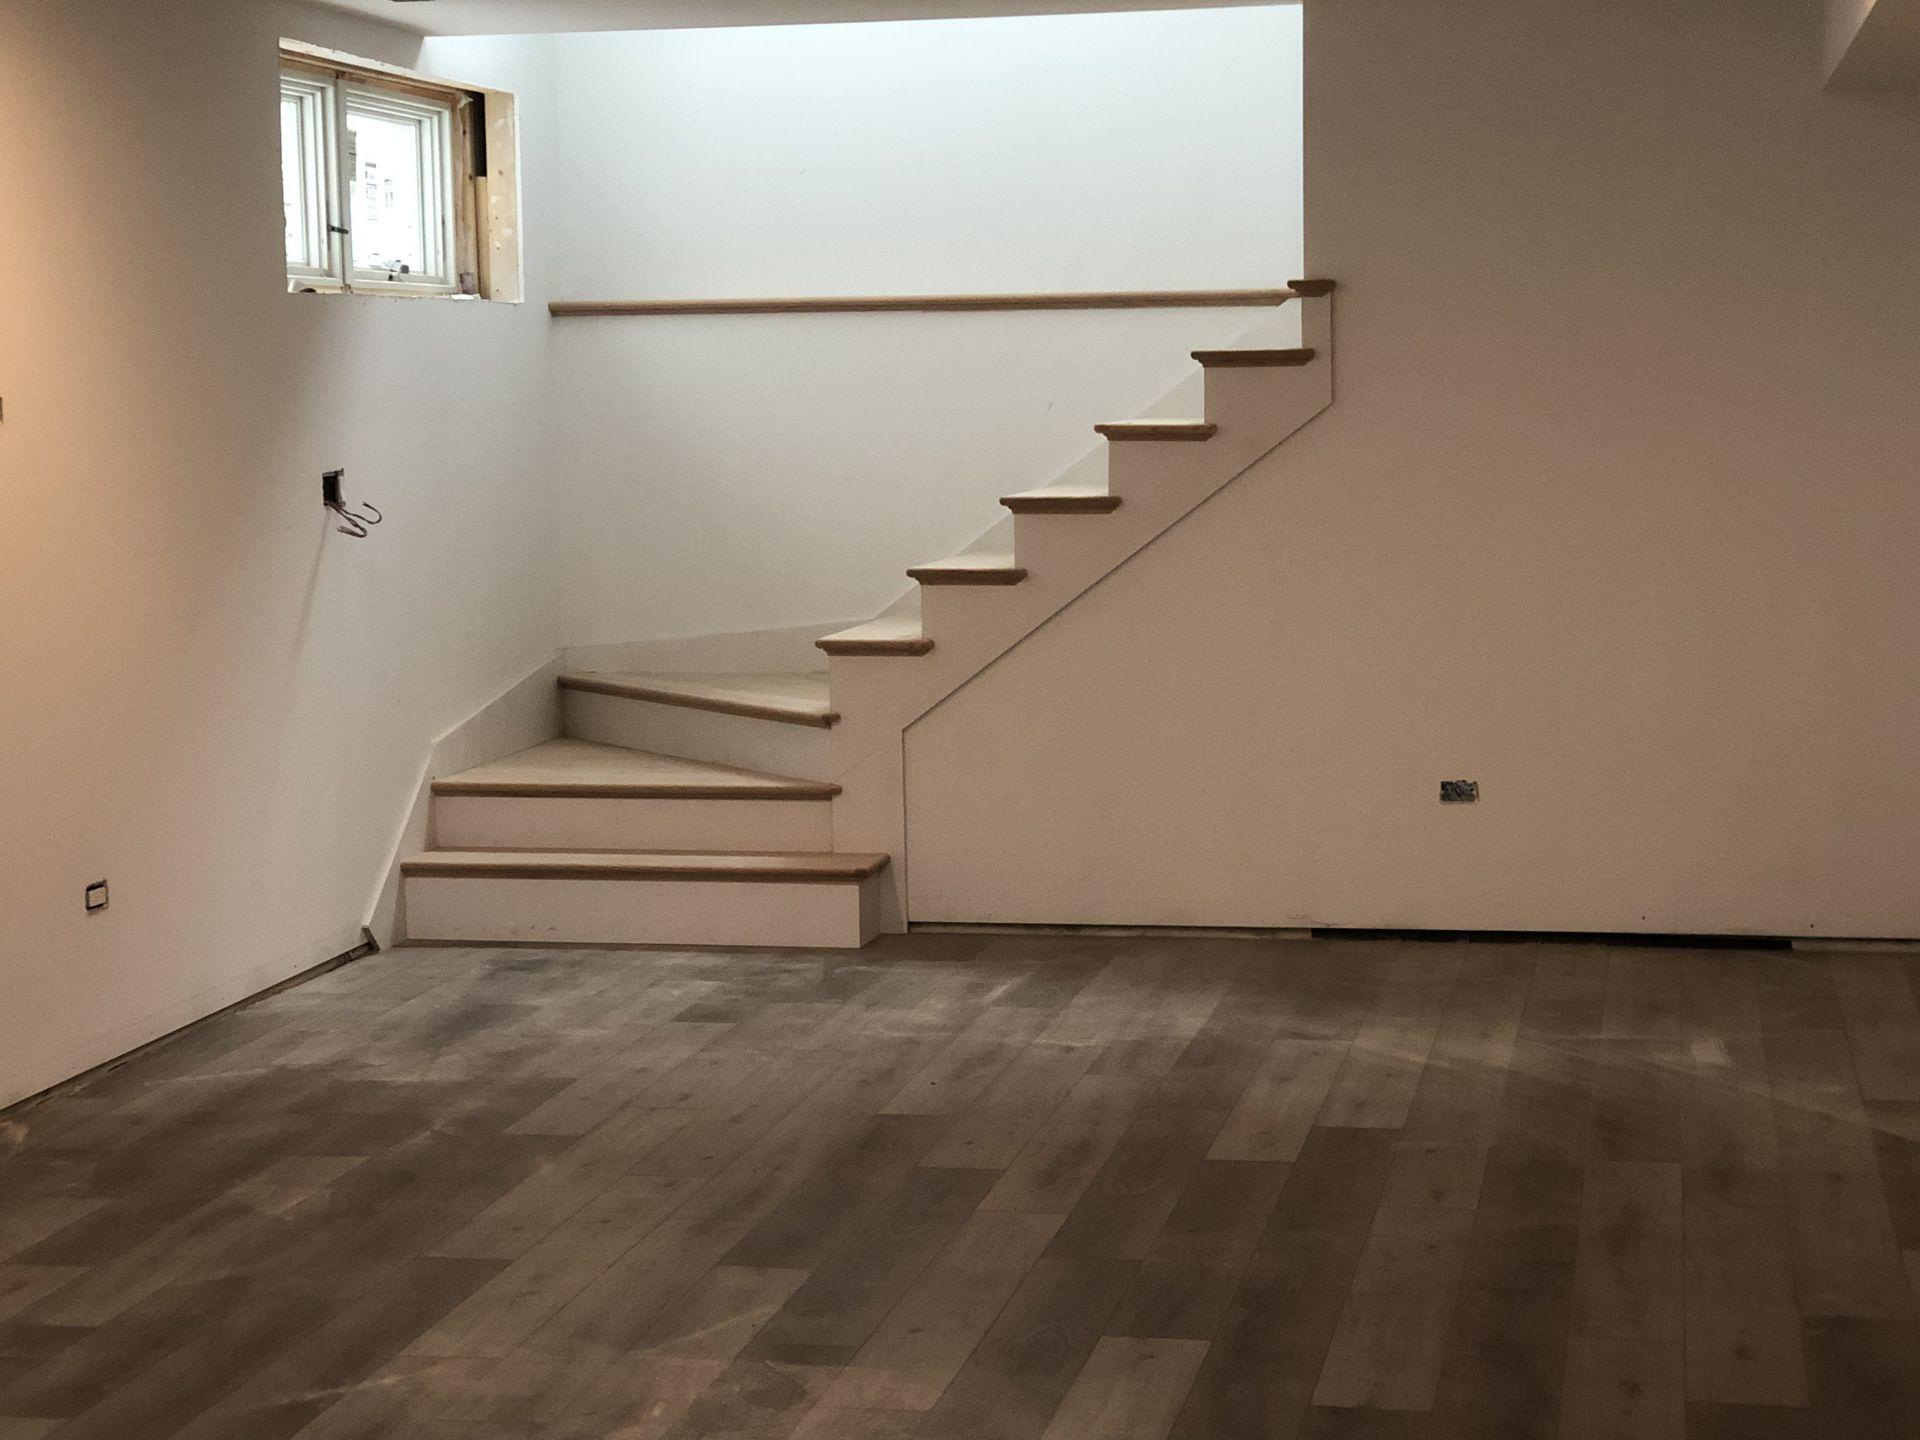 Luxury Vinal Plank Installation Chicago Floorecki Llc